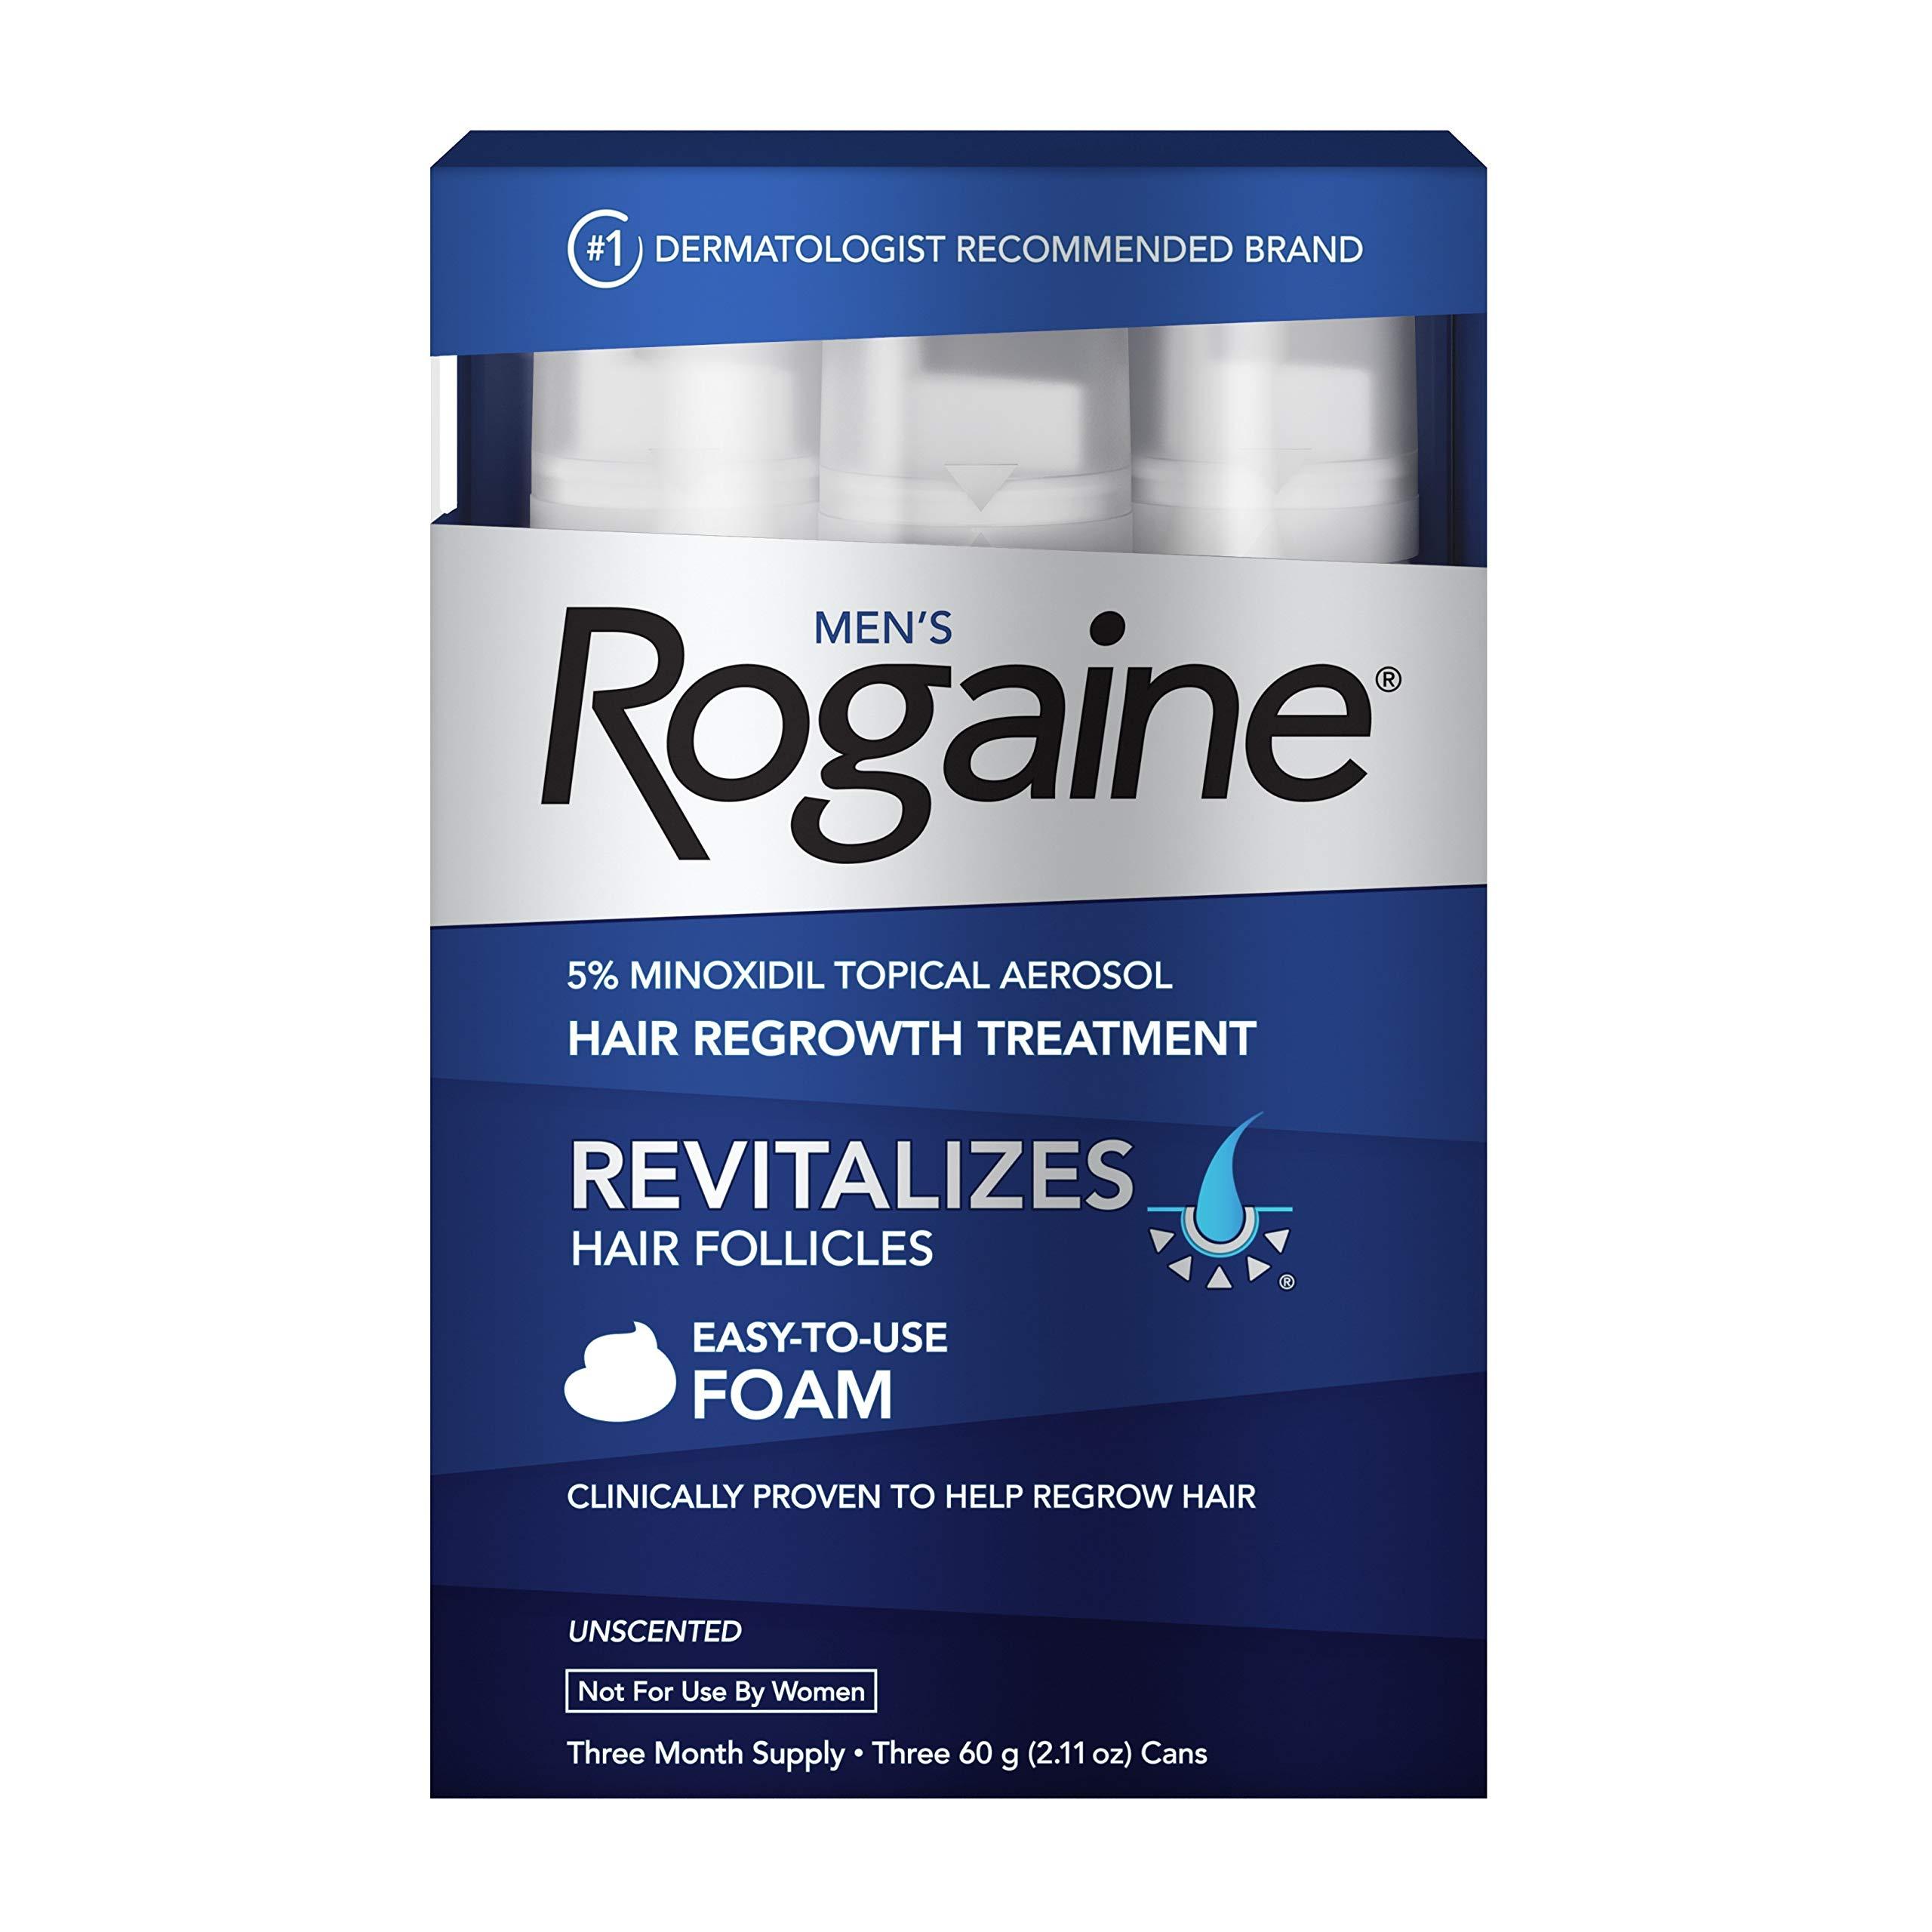 روجين 5٪ مينوكسيديل رغوة لفقدان الشعر وإعادة